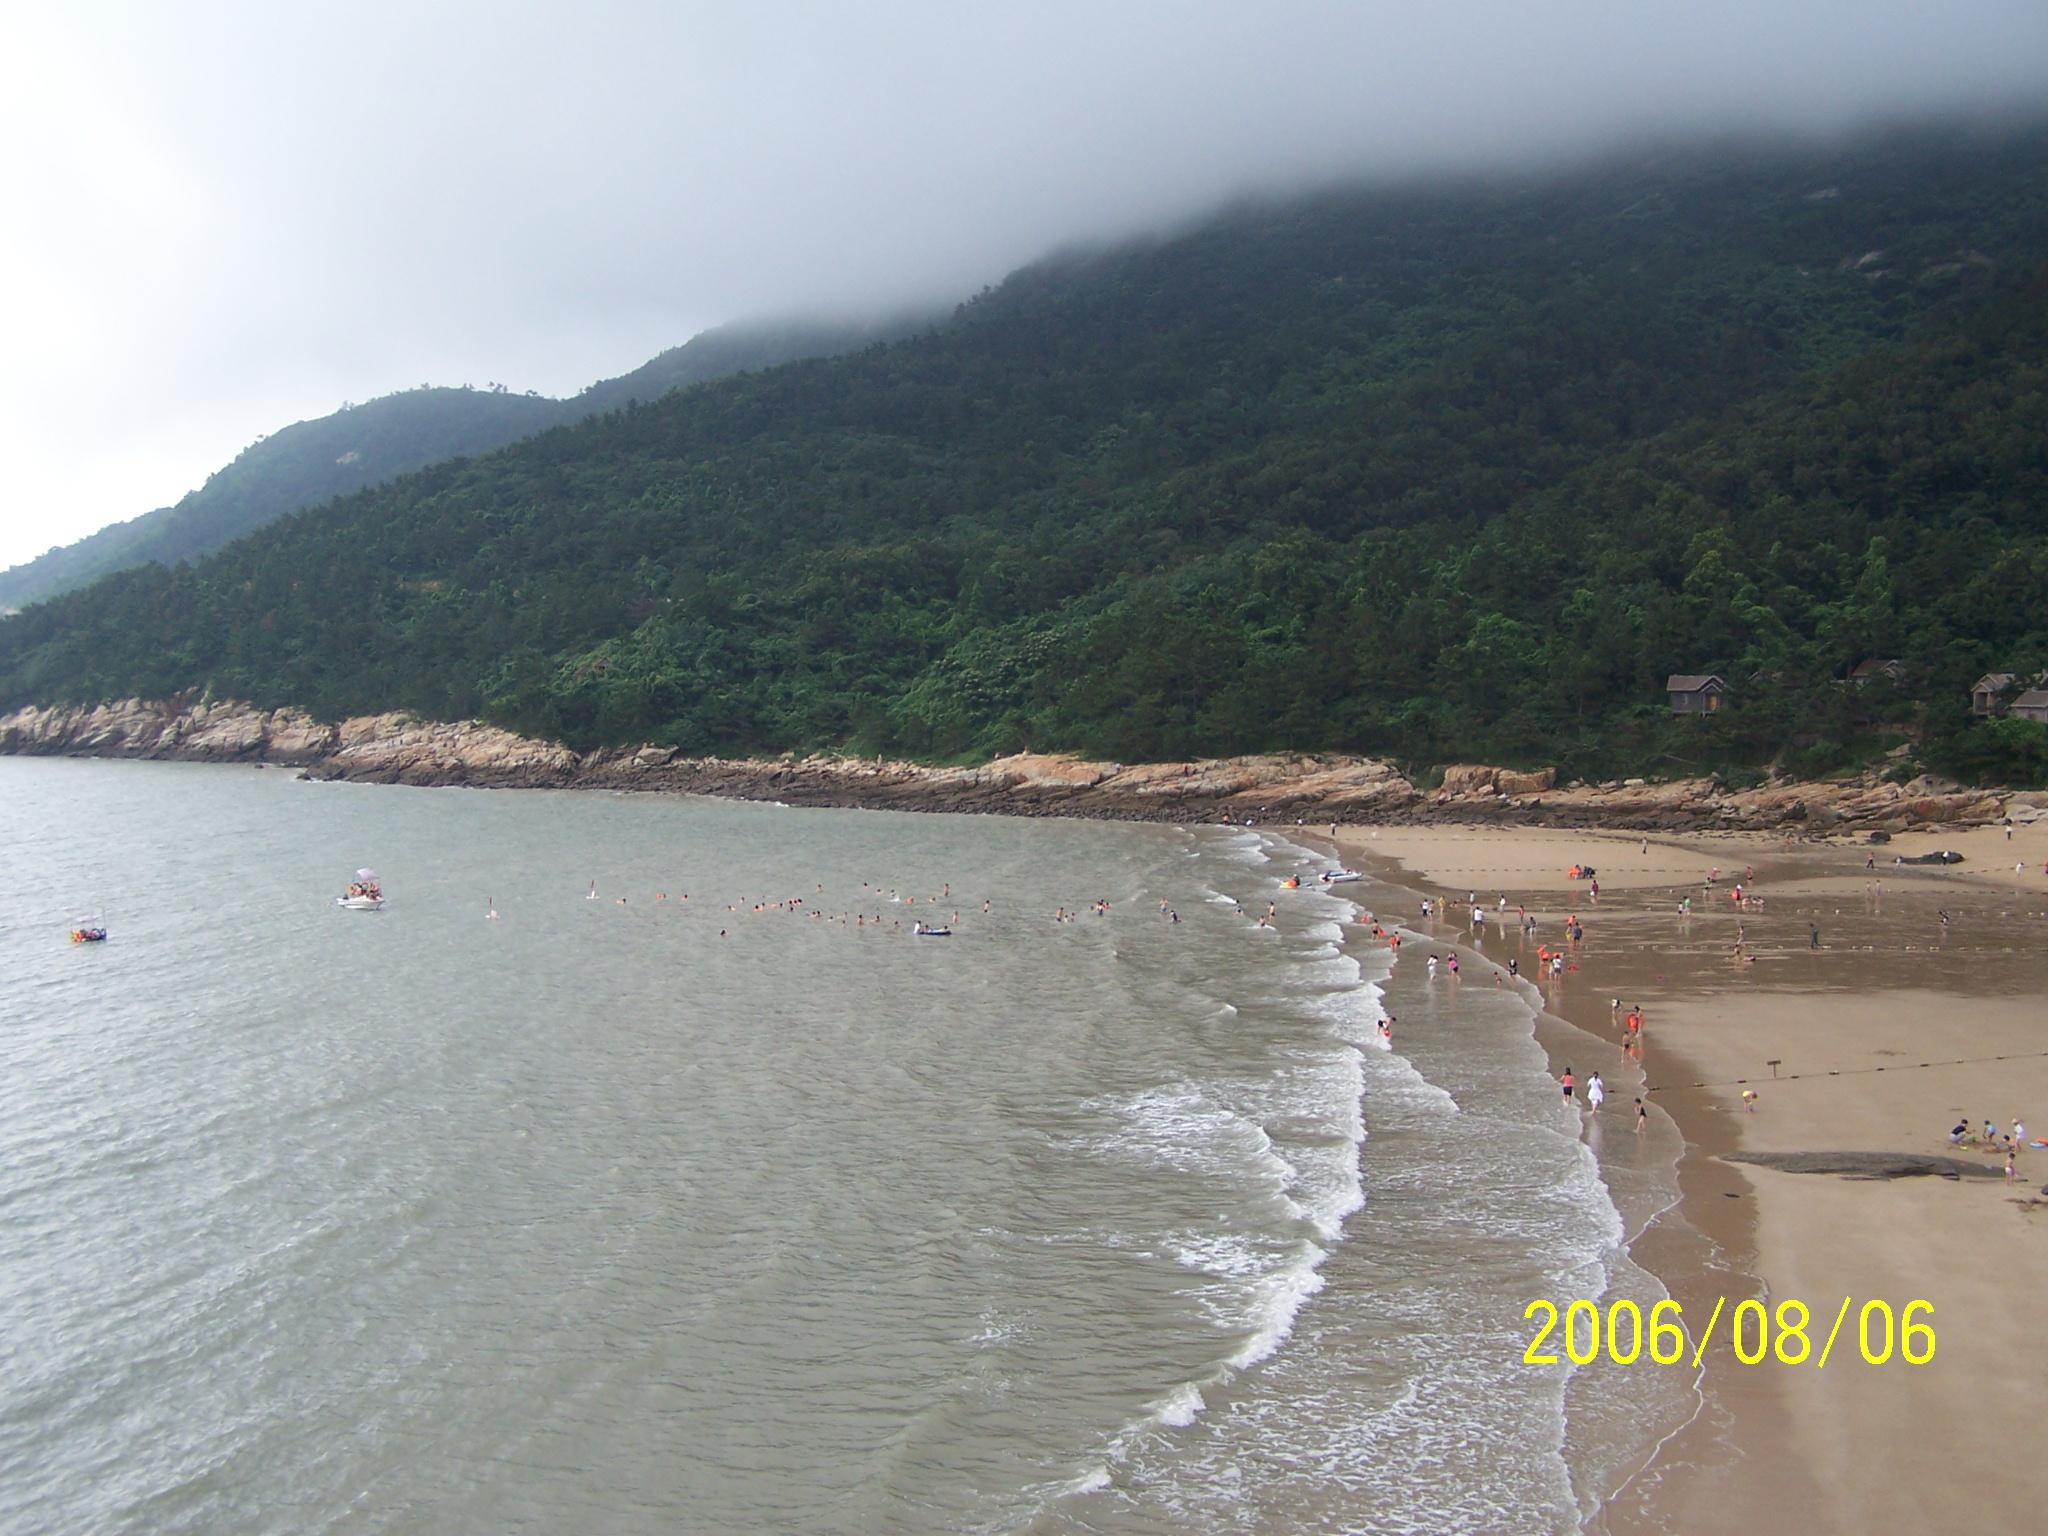 连云港旅游攻略_2012_7-10月连云港旅游报价_连云港